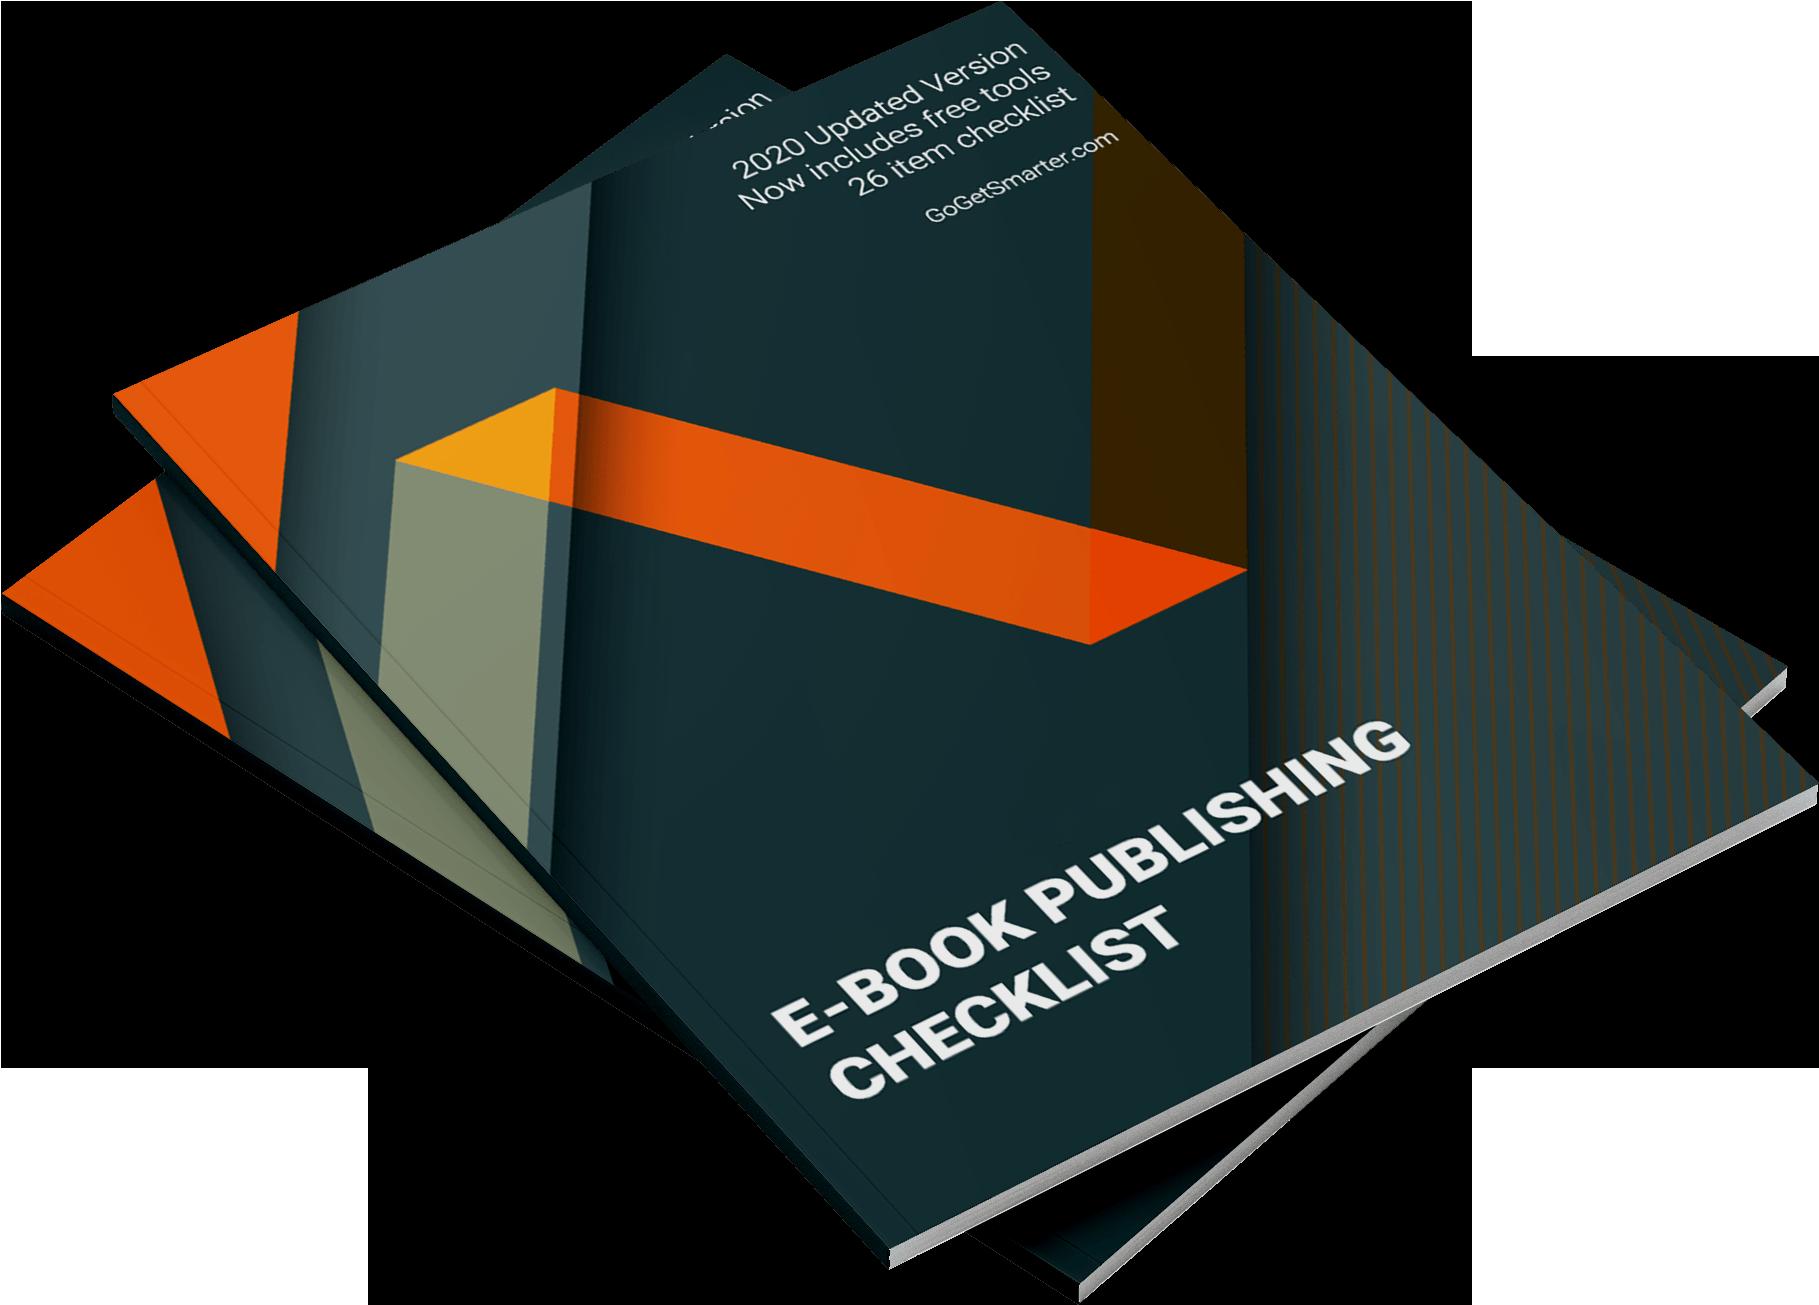 Perfect_Binding_Brochure_Mockup_33